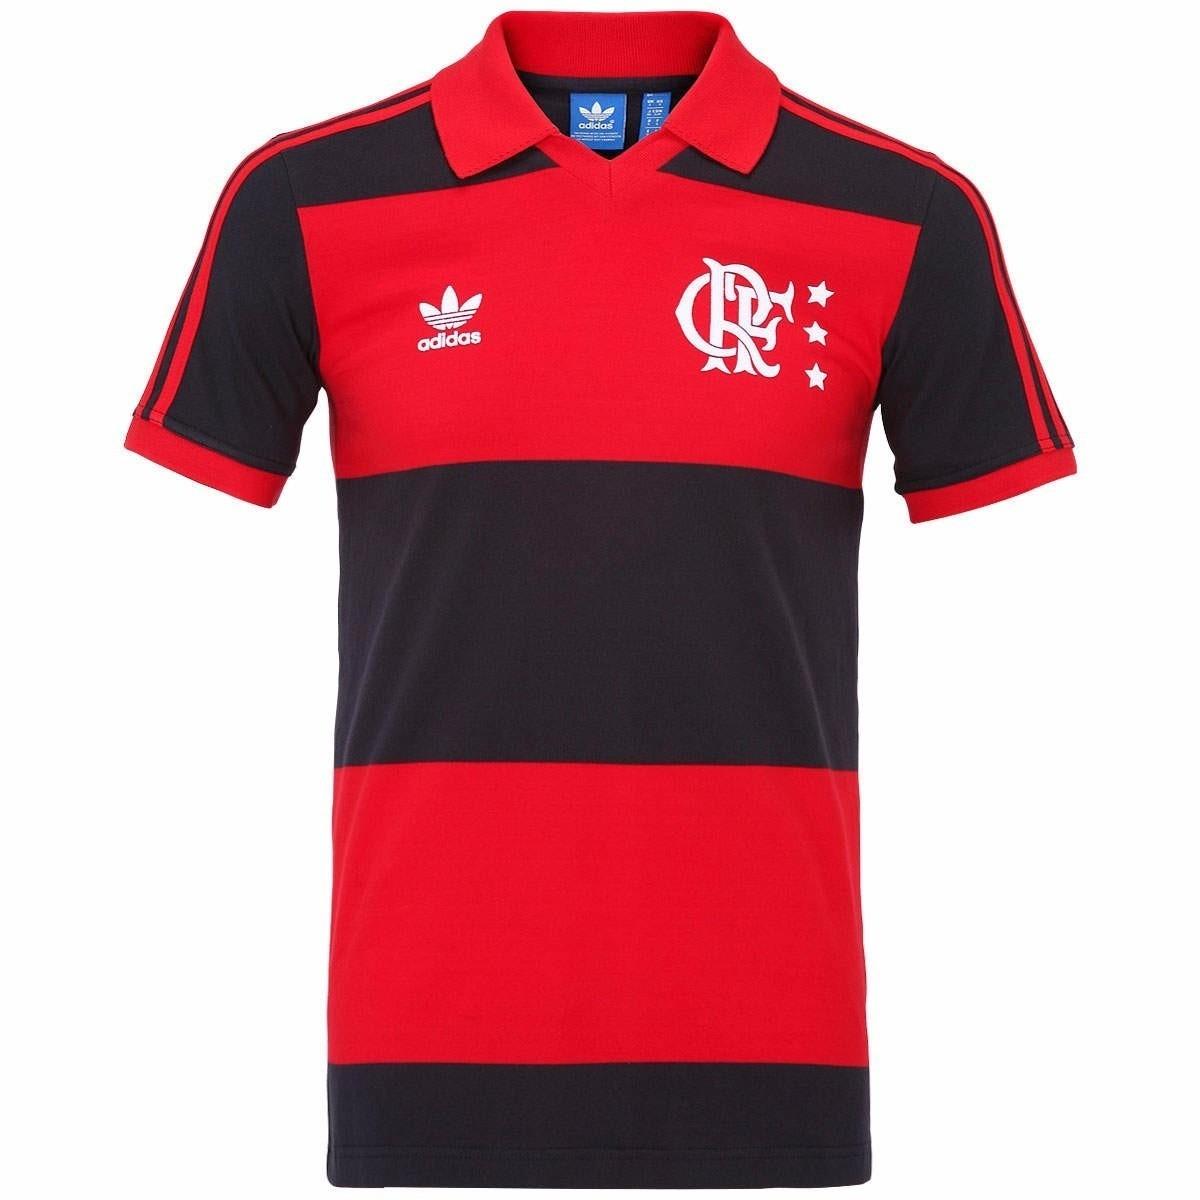 23b7e574541 camisa flamengo retrô listrada adidas originals. Carregando zoom.